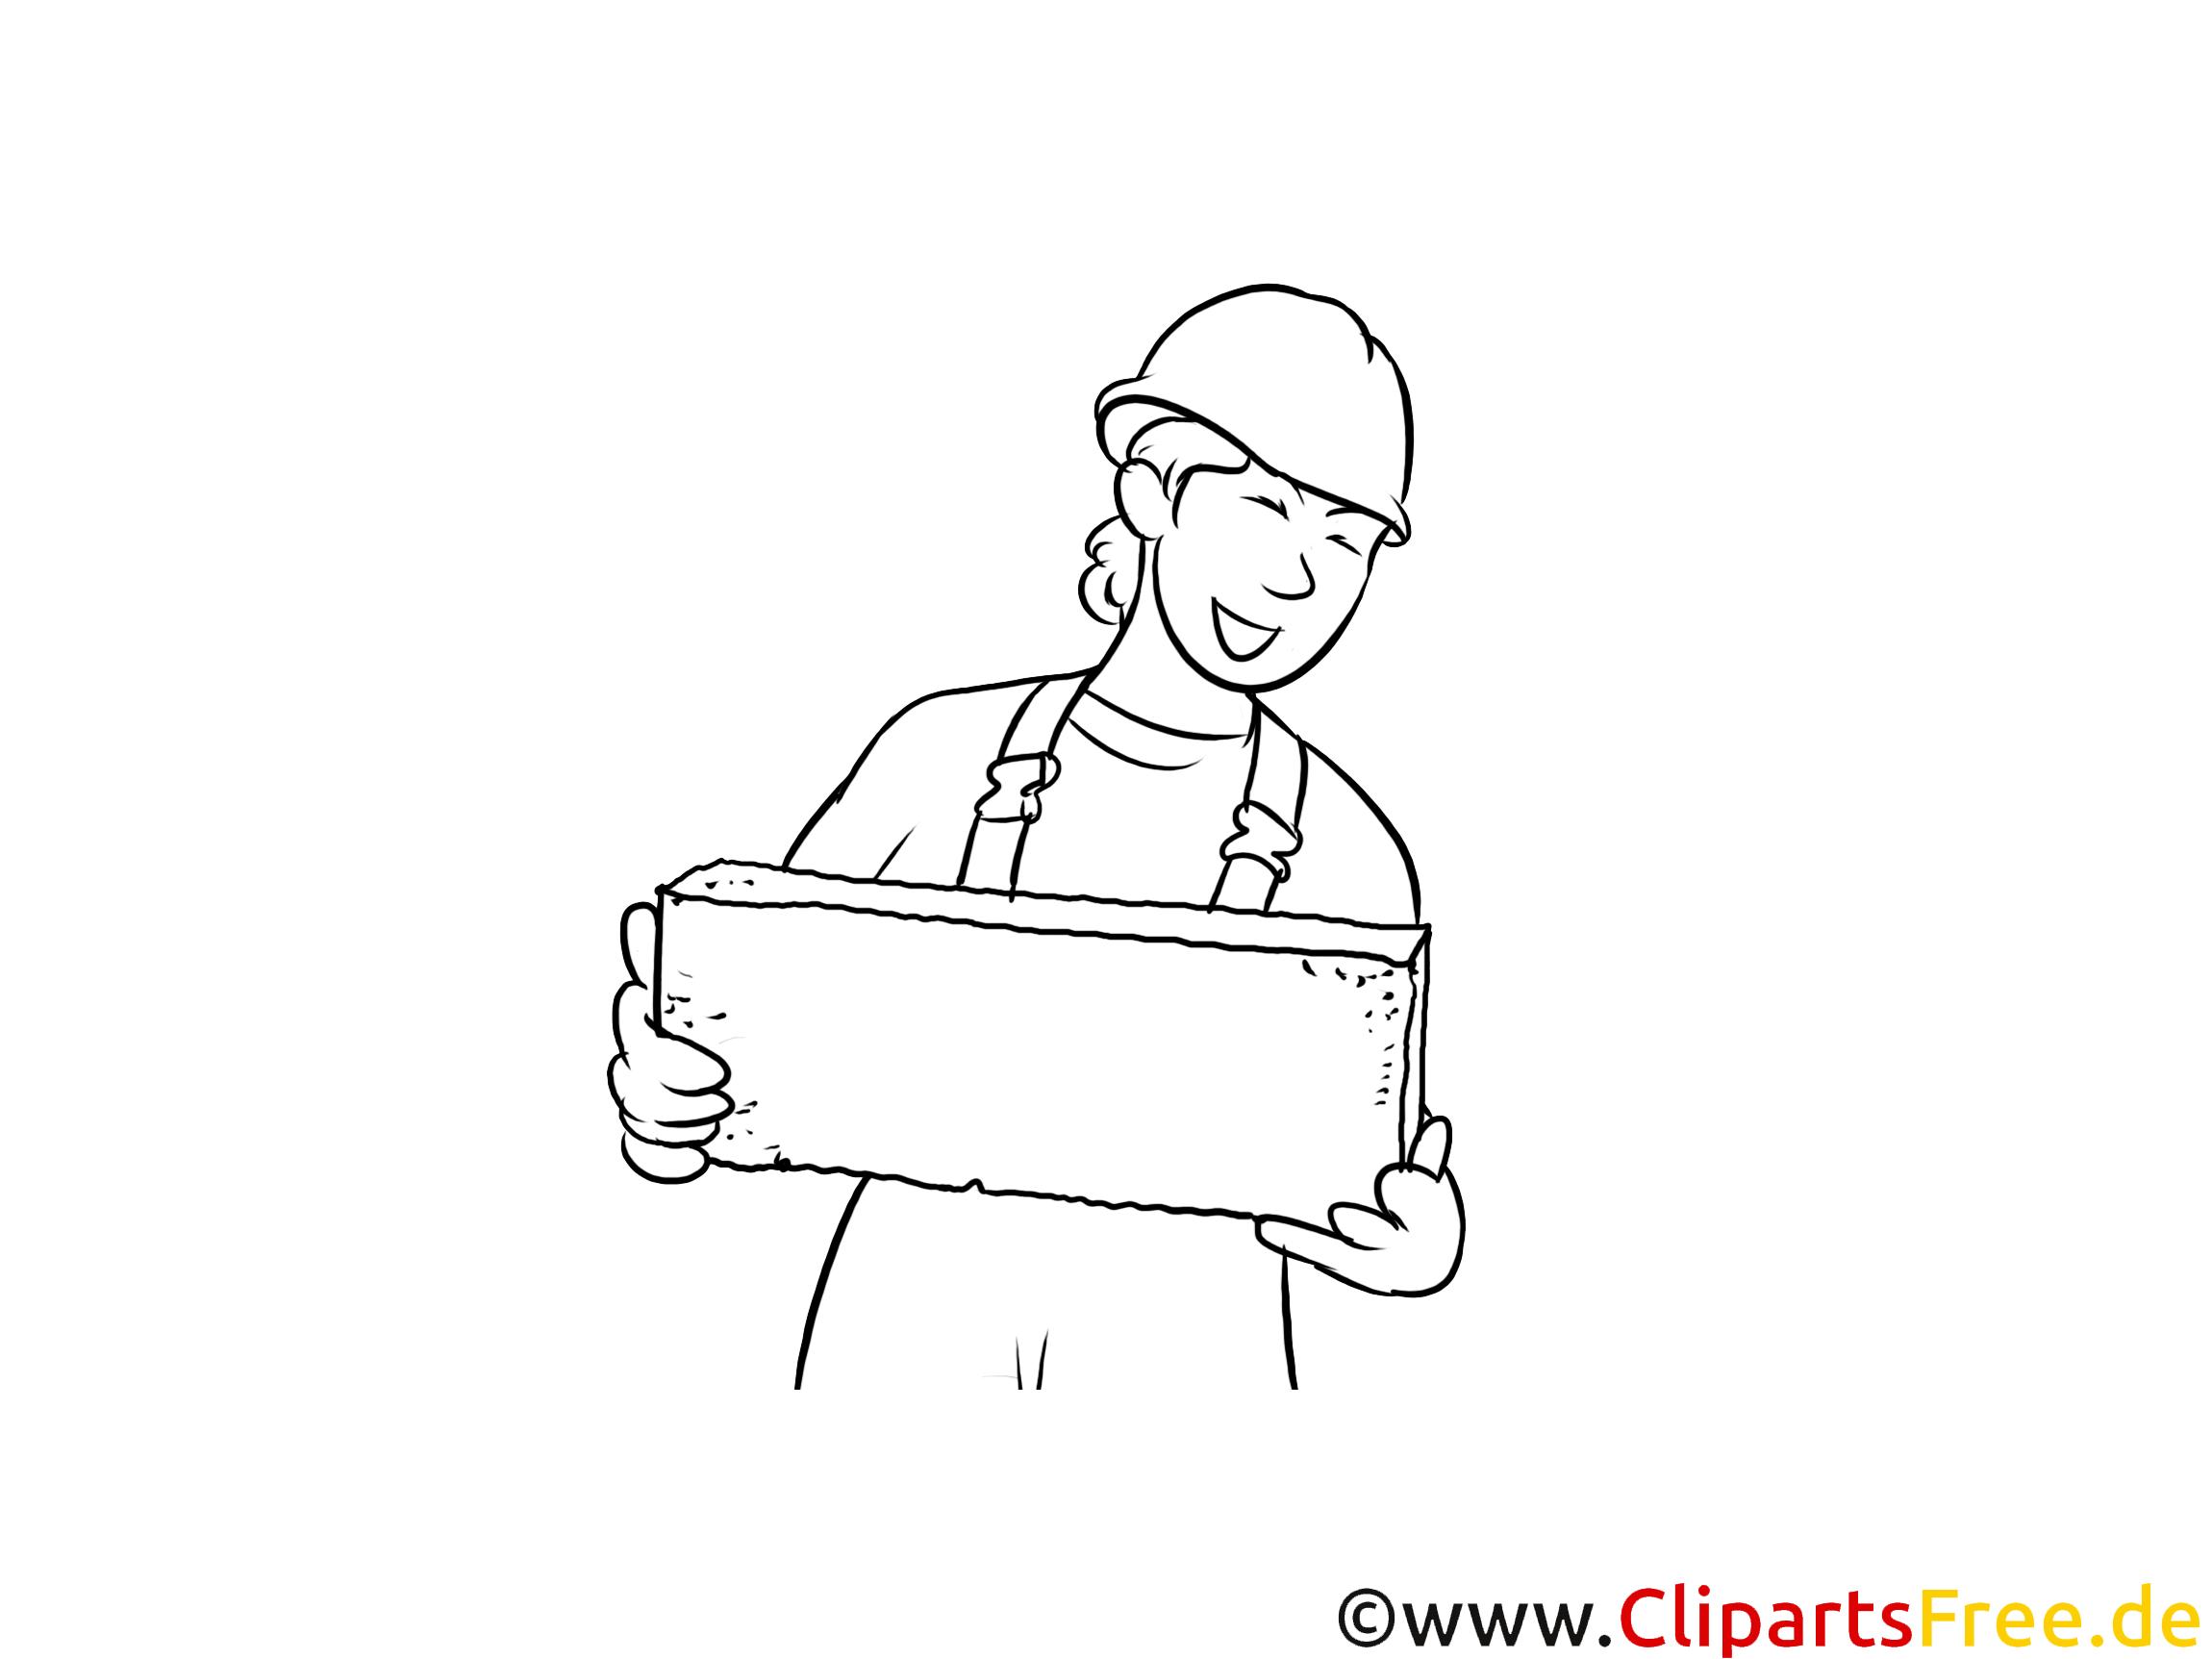 Baustoffprüfer druckbare schwarz-weiße Cliparts, Grafiken kostenlos